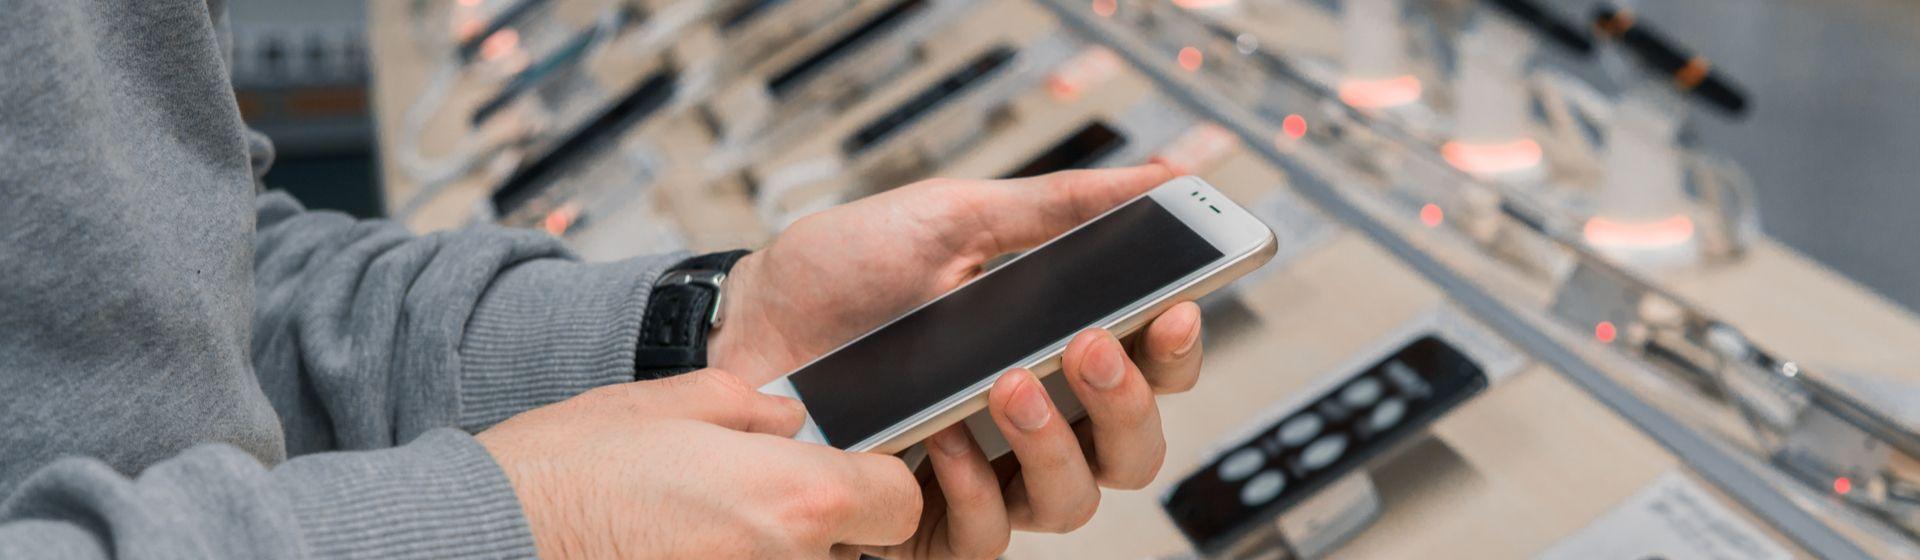 Como comprar celular? Saiba o que considerar na hora de escolher um modelo